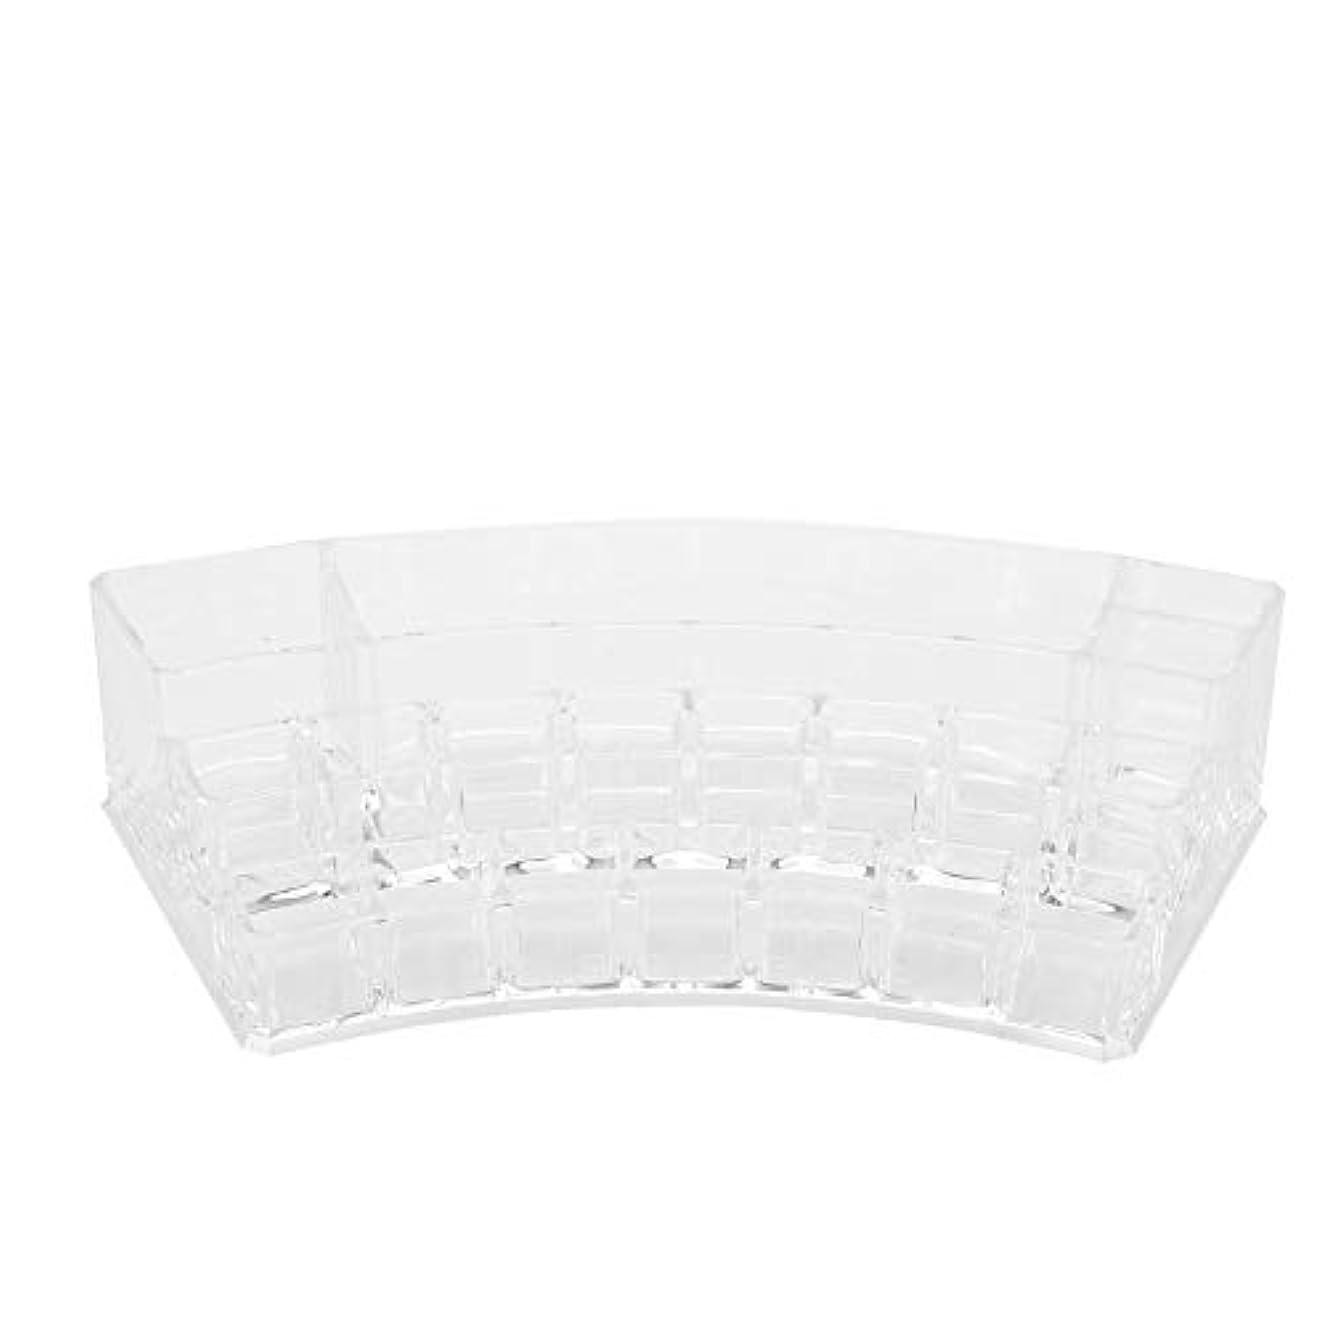 異議平和薬局19グリッドプラスチック収納ボックス - ディスプレイケースネイルアートタトゥーツールオーガナイザー化粧品ディスプレイ